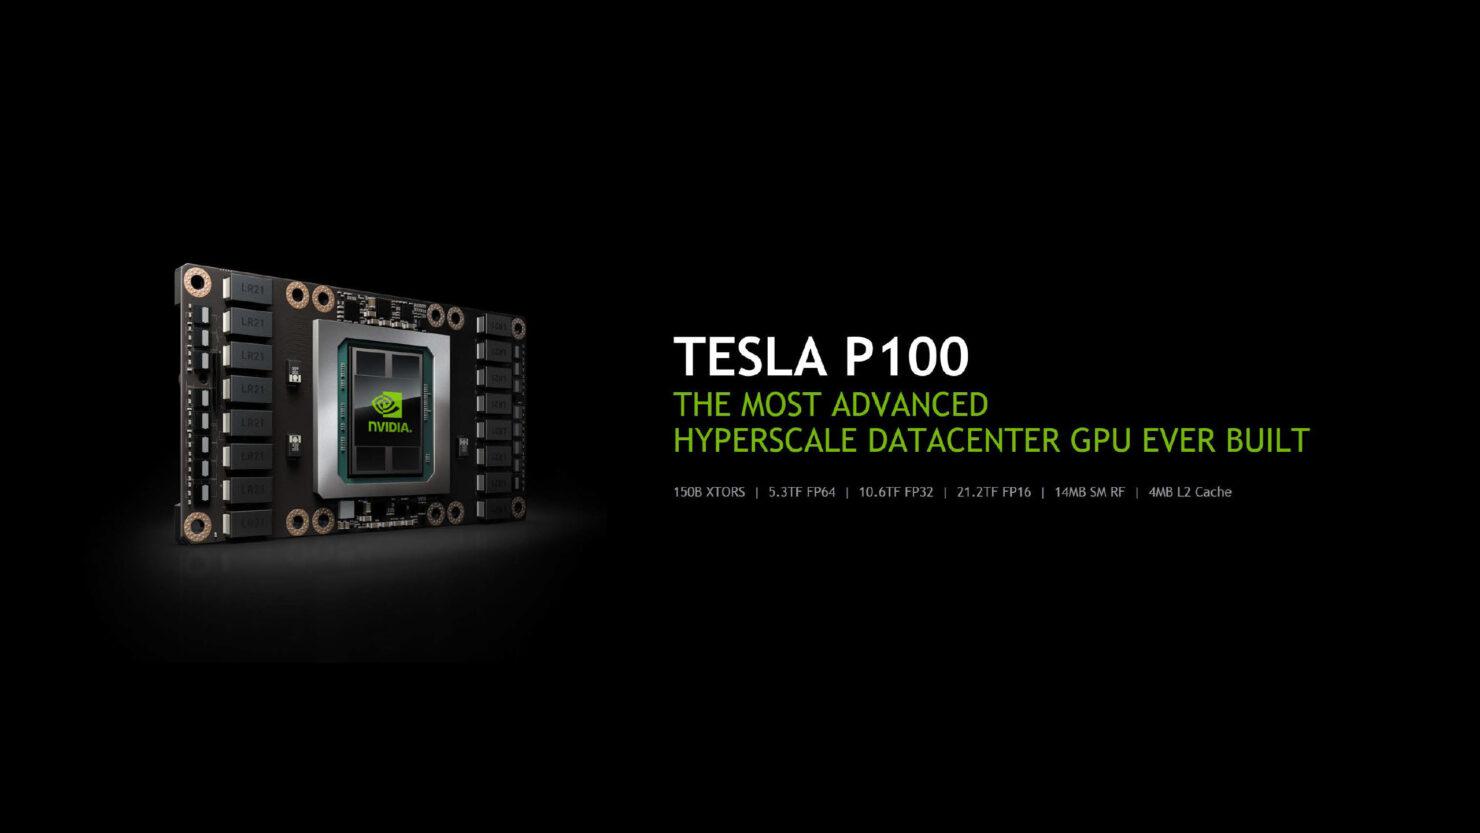 nvidia-pascal-tesla-p100-graphics-card_1